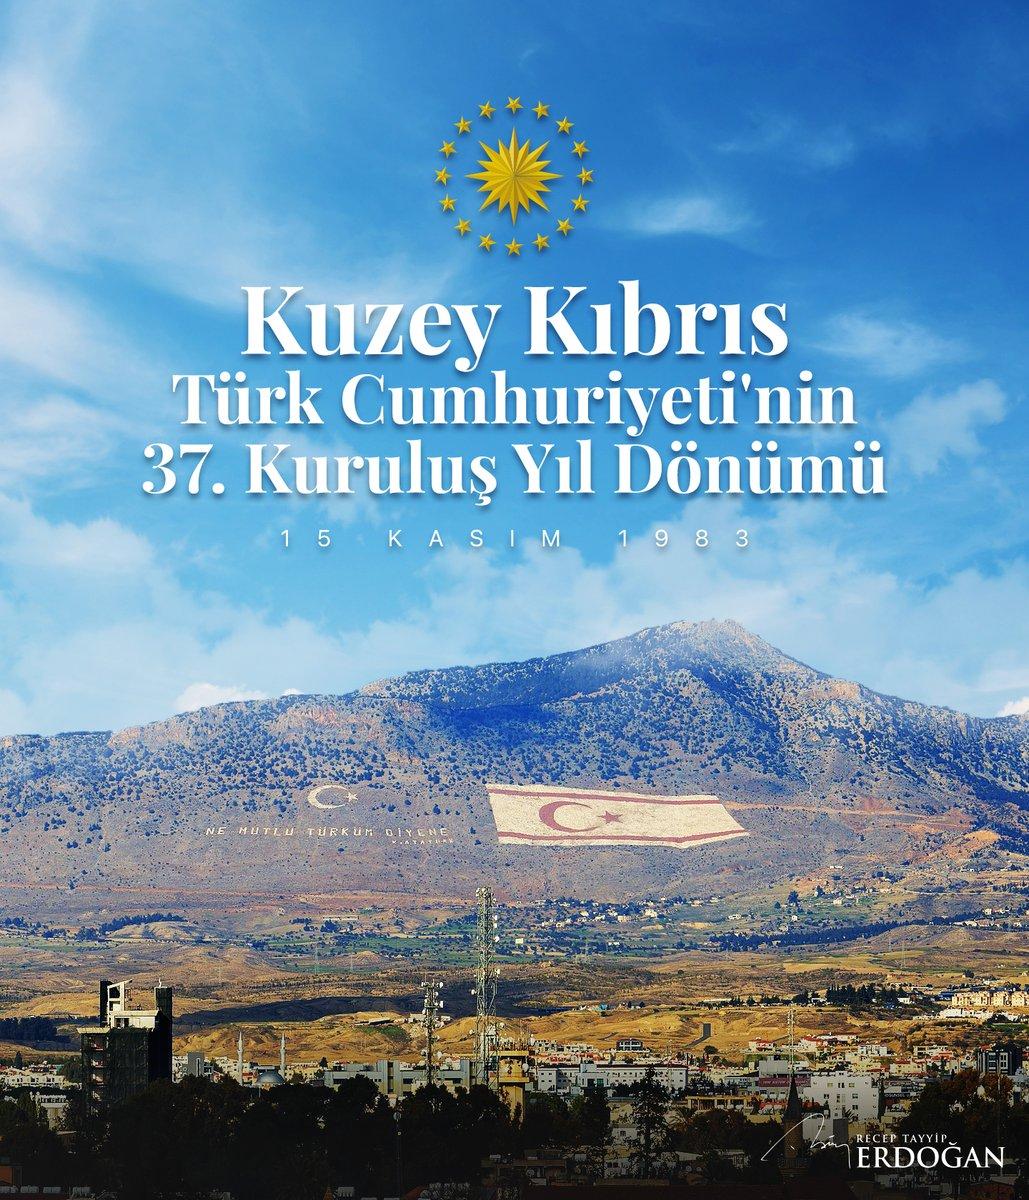 Kuzey Kıbrıs Türk Cumhuriyeti'nin 37. kuruluş yıl dönümünü en içten dileklerimle tebrik ediyor, aziz şehitlerimizi ve kahraman gazilerimizi minnetle yâd ediyorum.